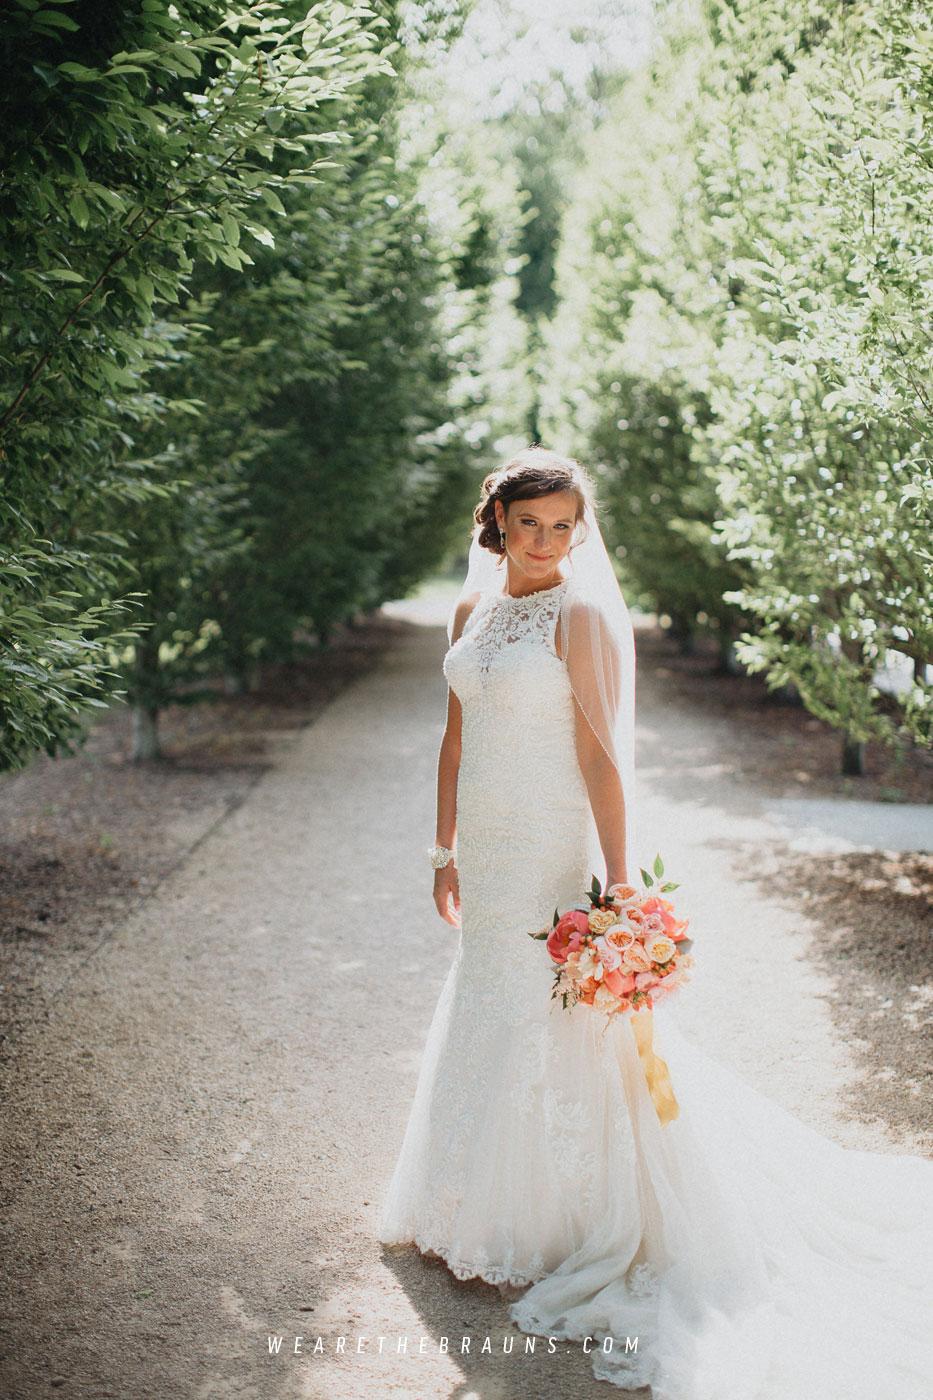 Stephanie-Ryan-Bride-Groom-106.jpg